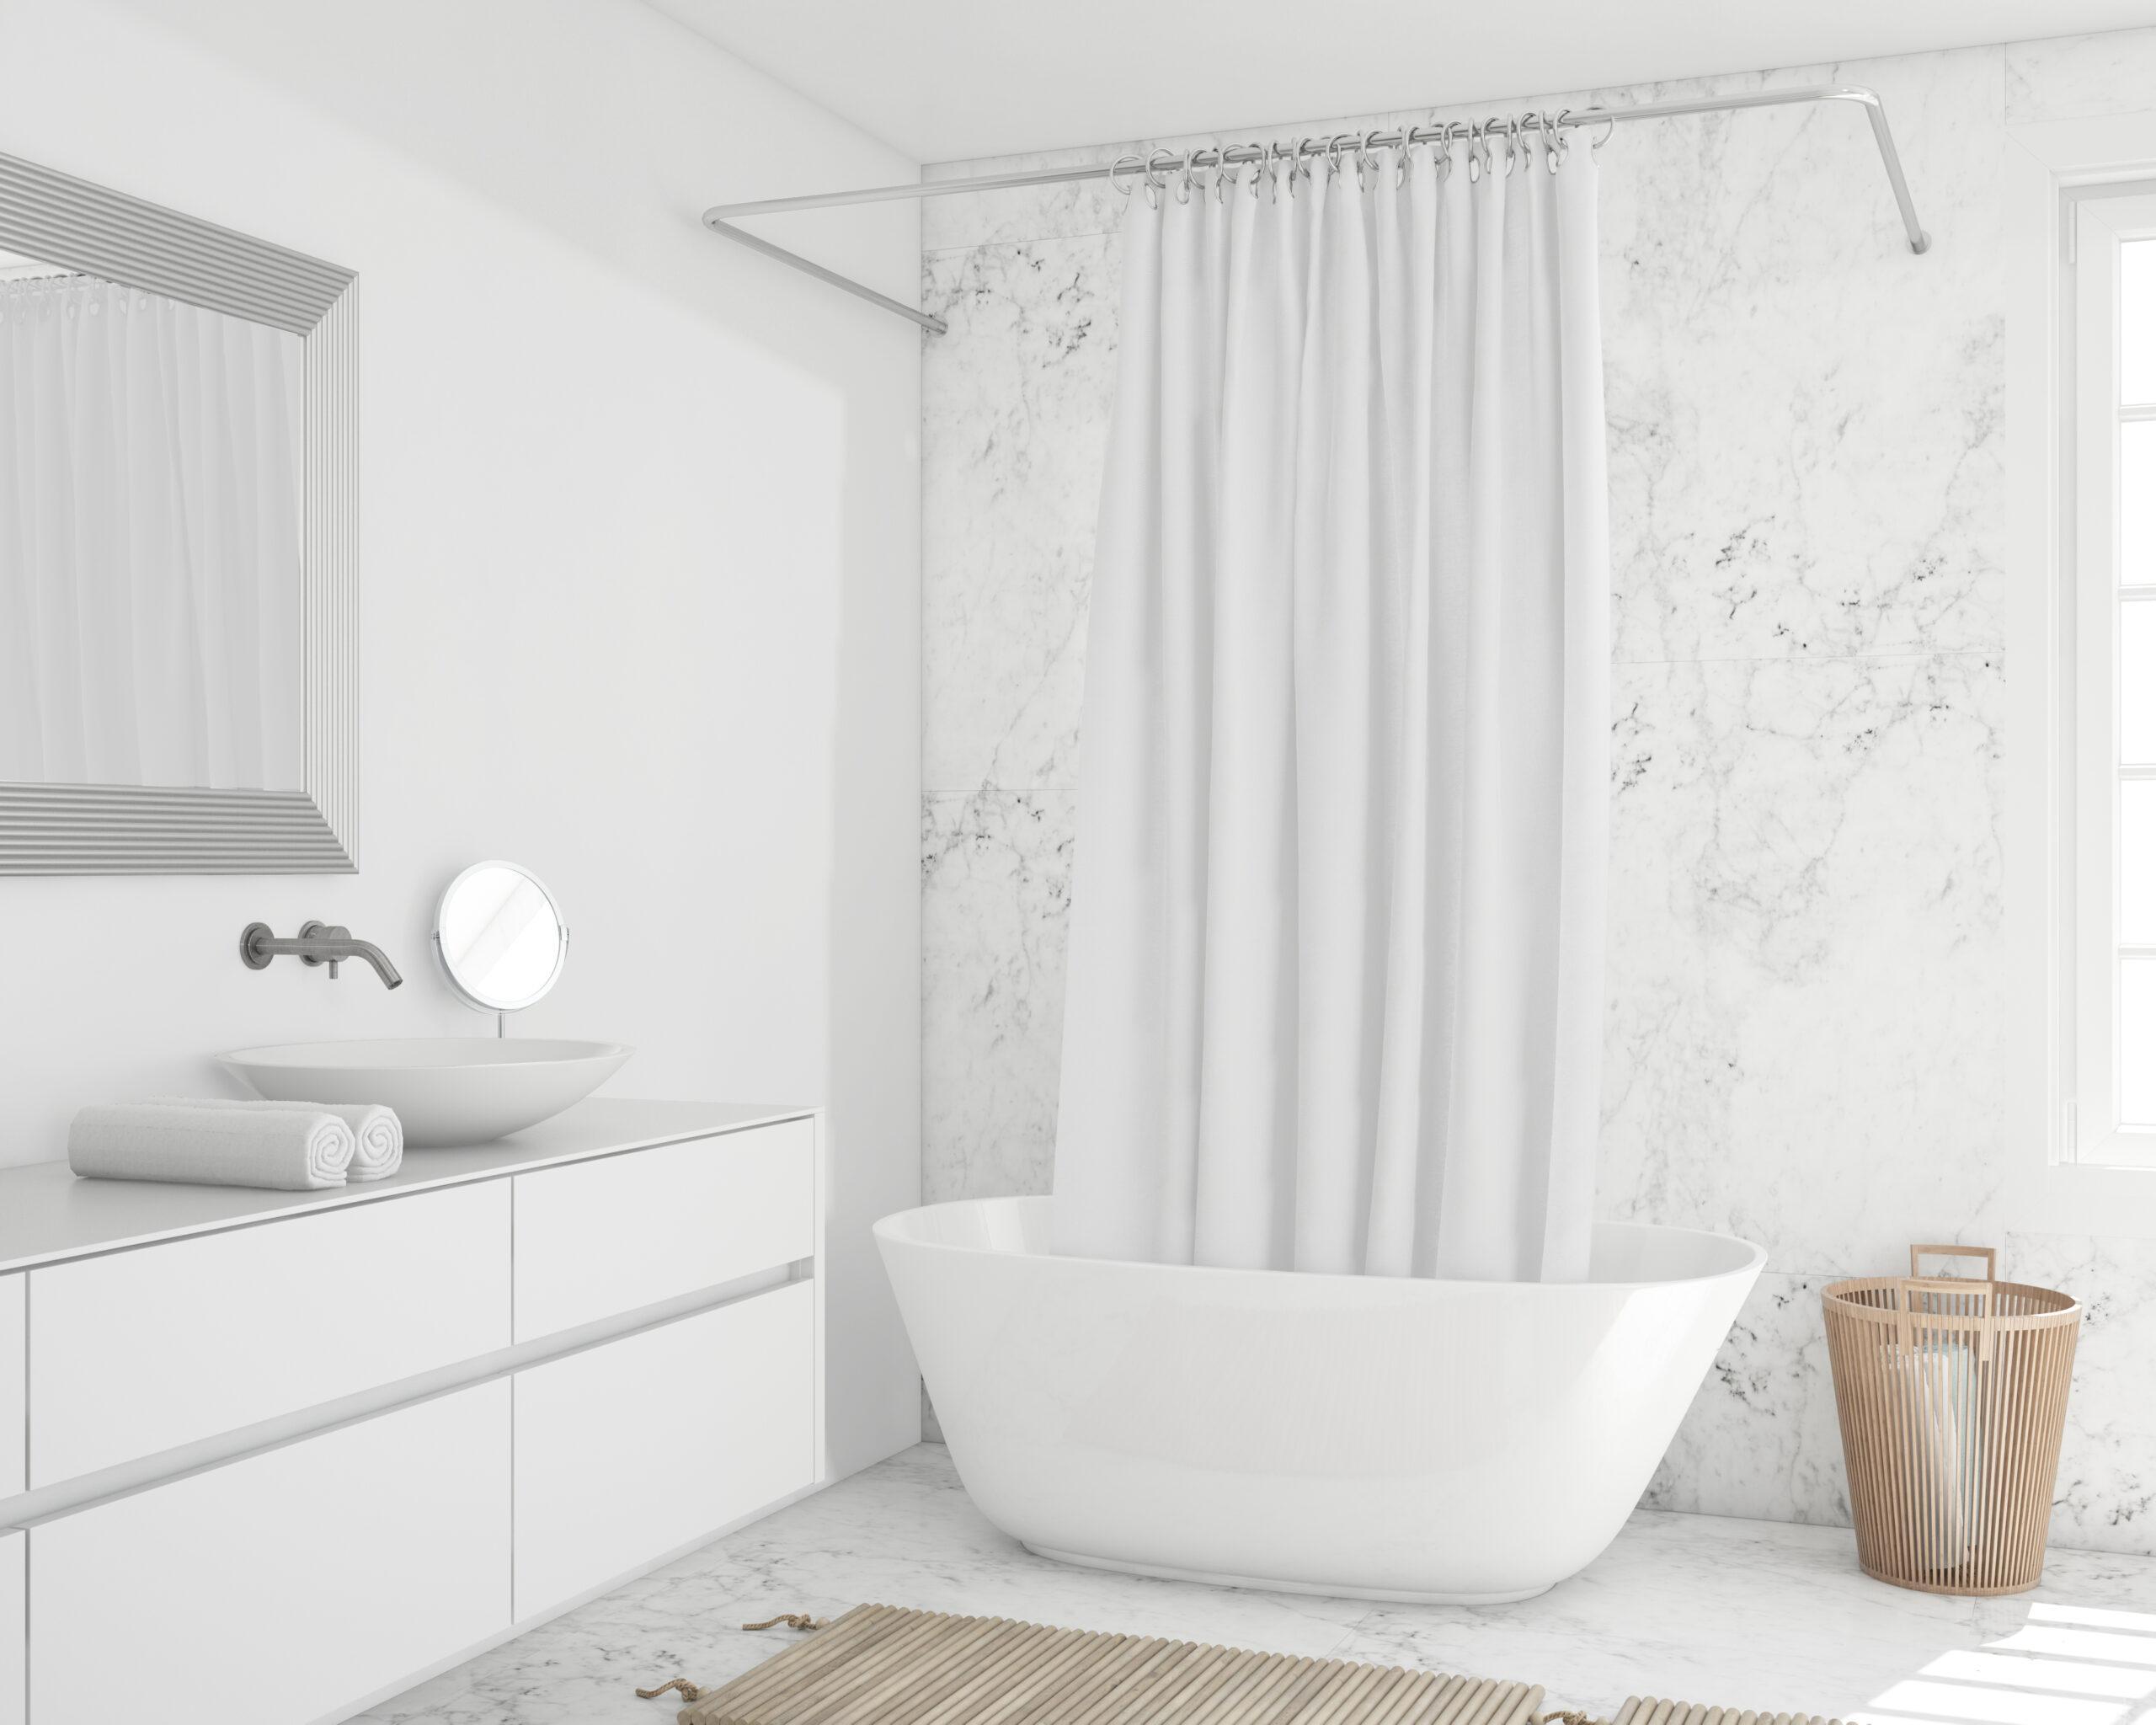 Обновить ванную: как выбрать сантехнику?